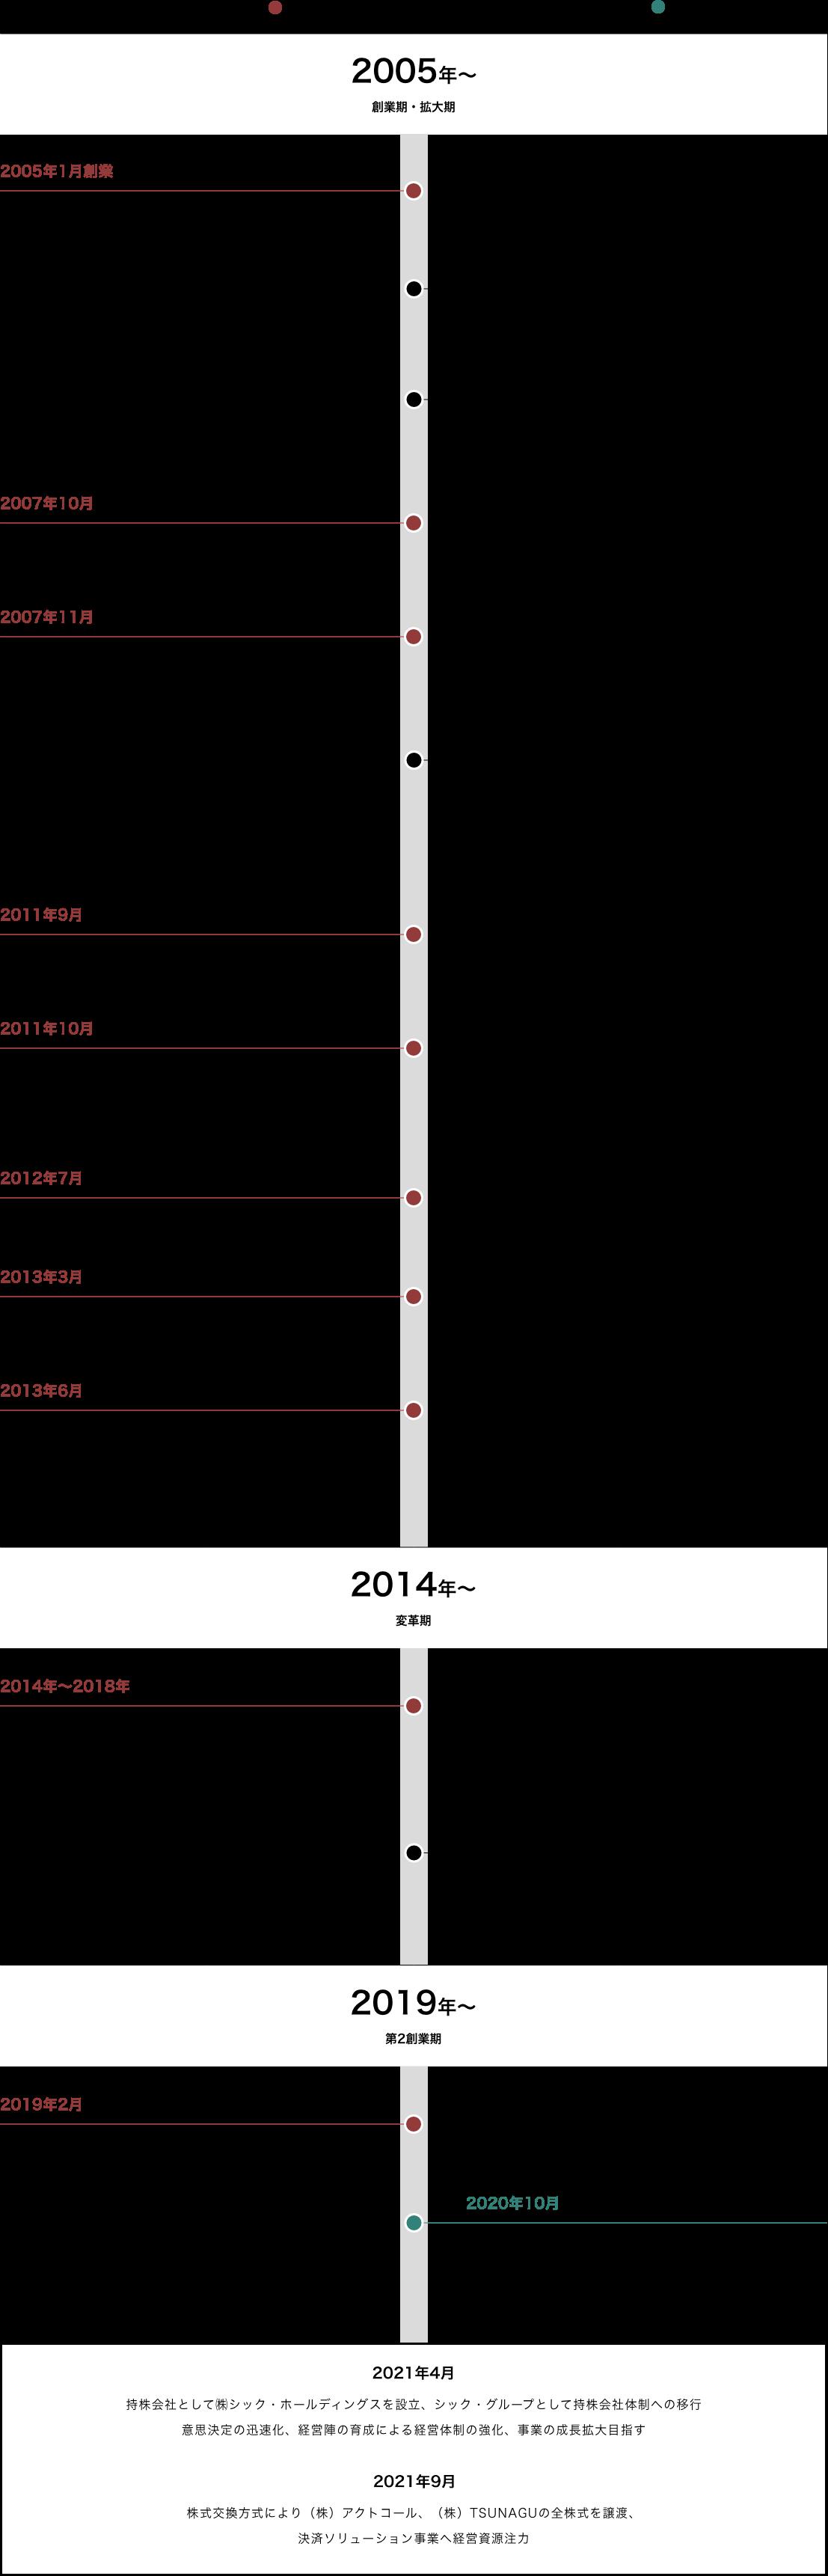 コーポレート・ガバナンス体制 模式図